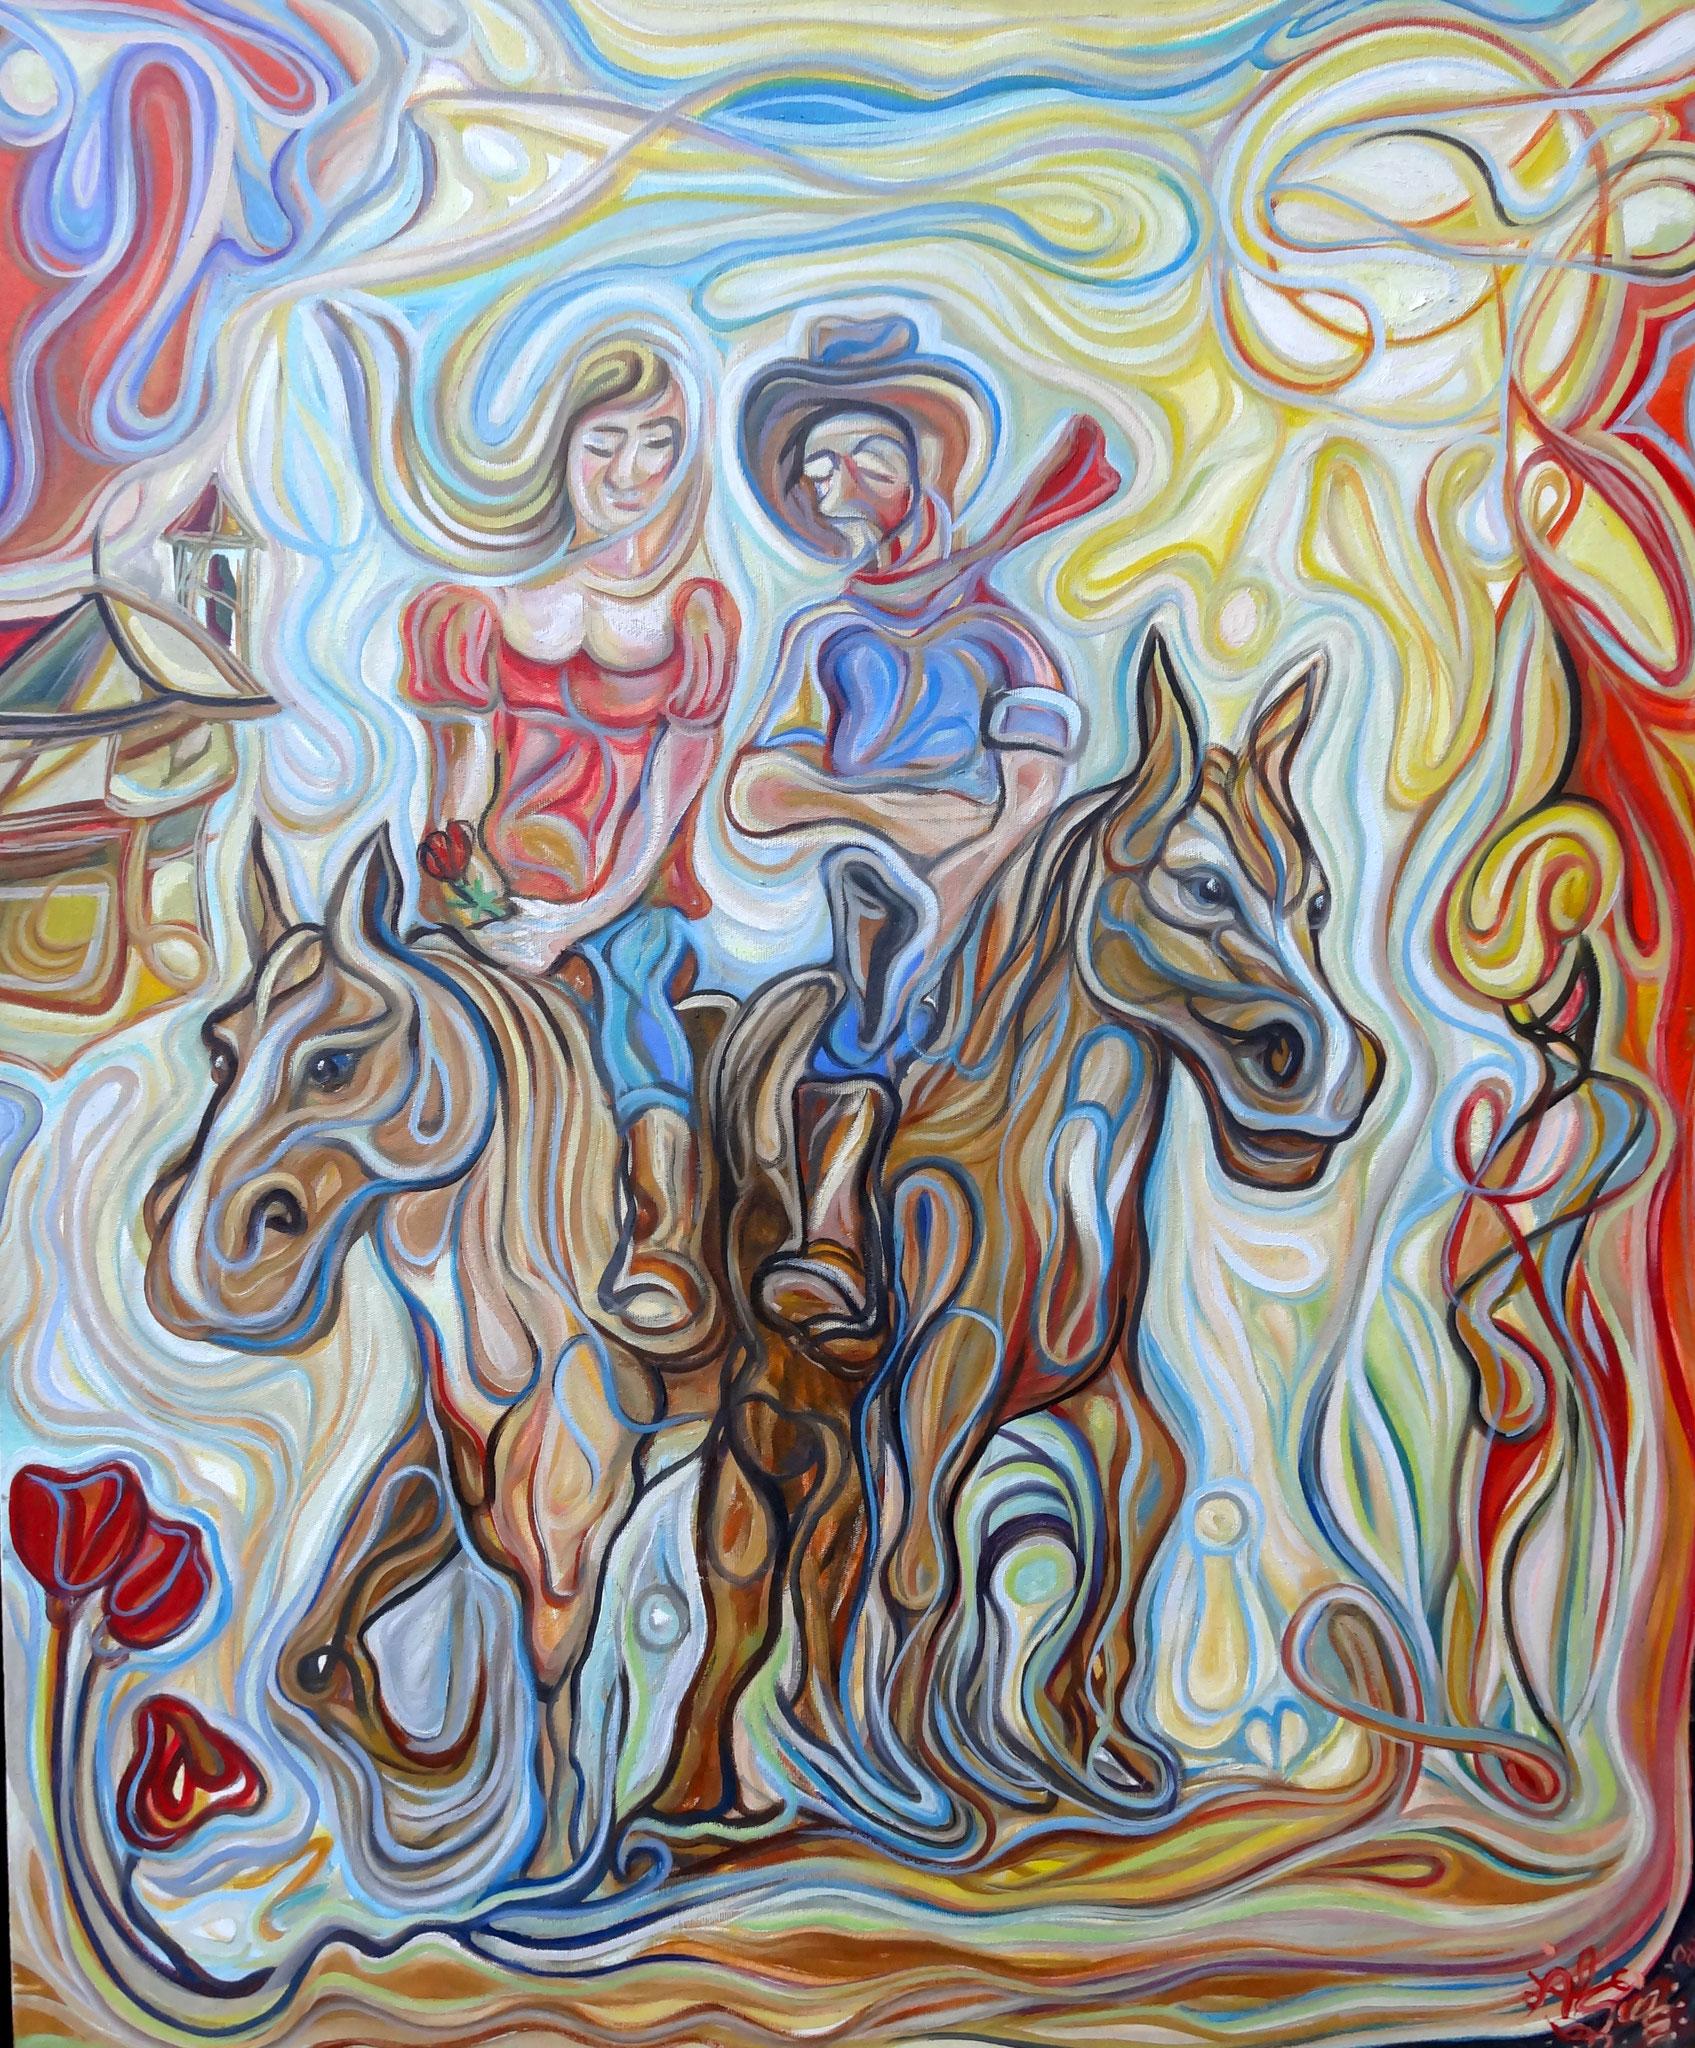 Los norteños / Óleo sobre lienzo / 120 x 100 cm / 2009